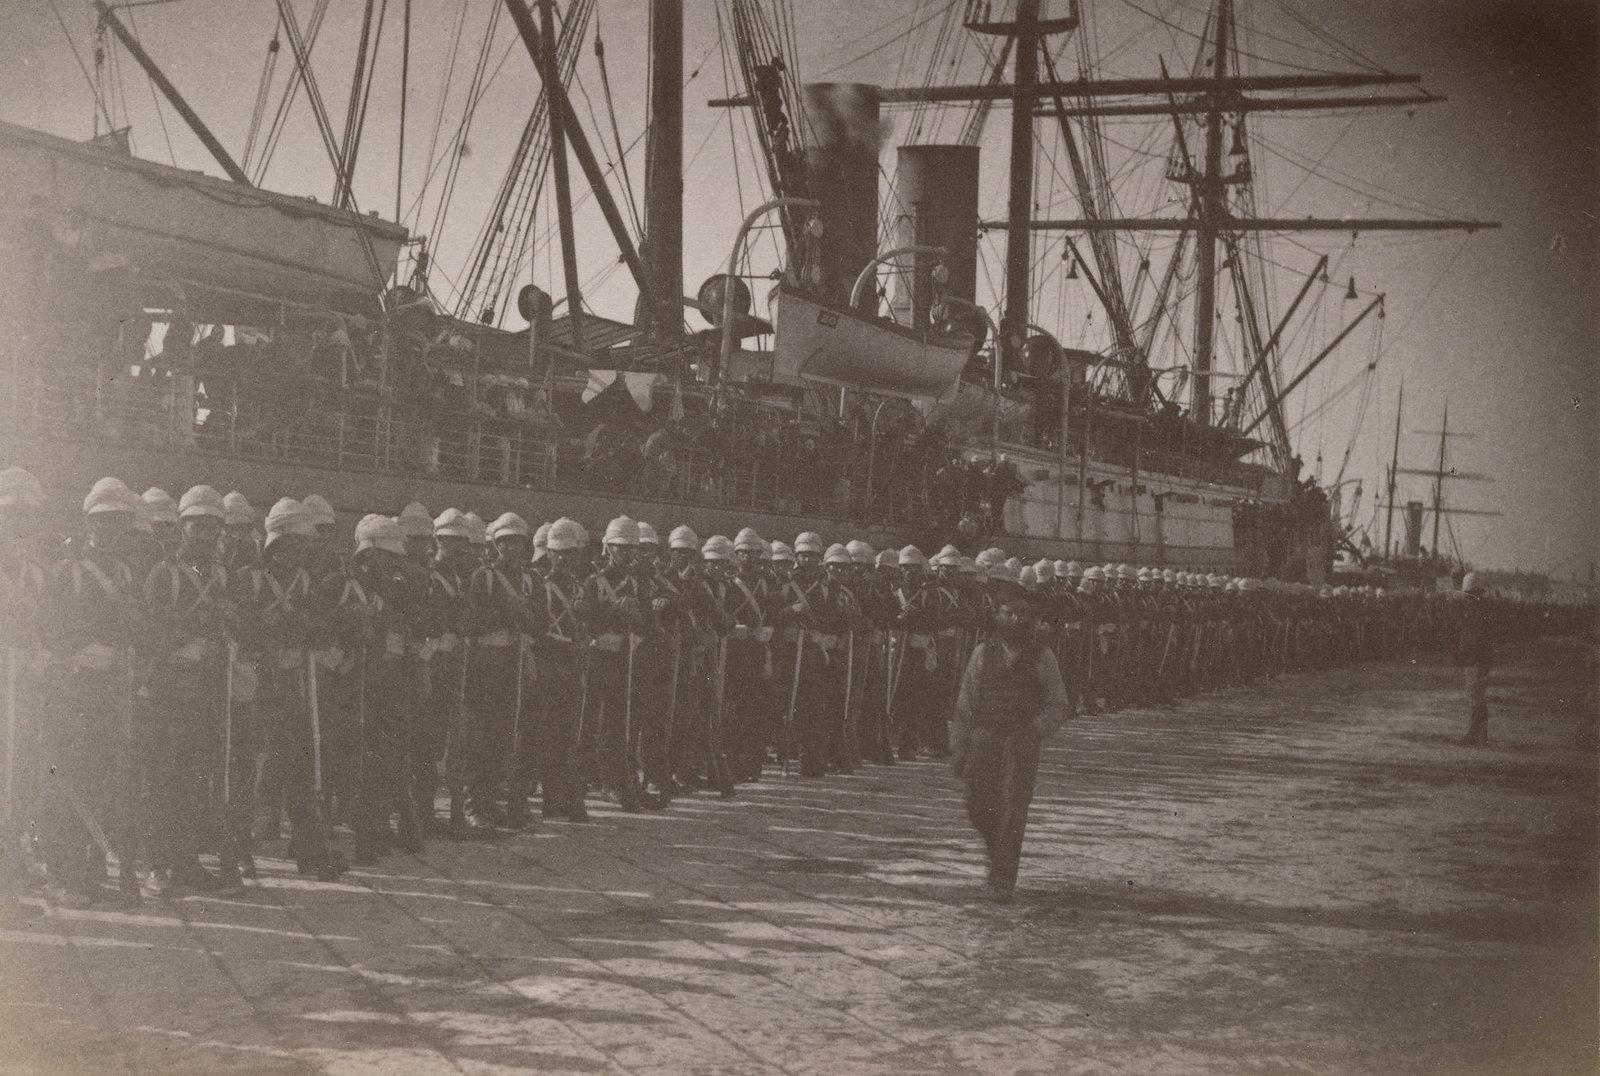 07. Шотландская гвардия высадилась в Александрии. Война началась с бомбардировки Александрии